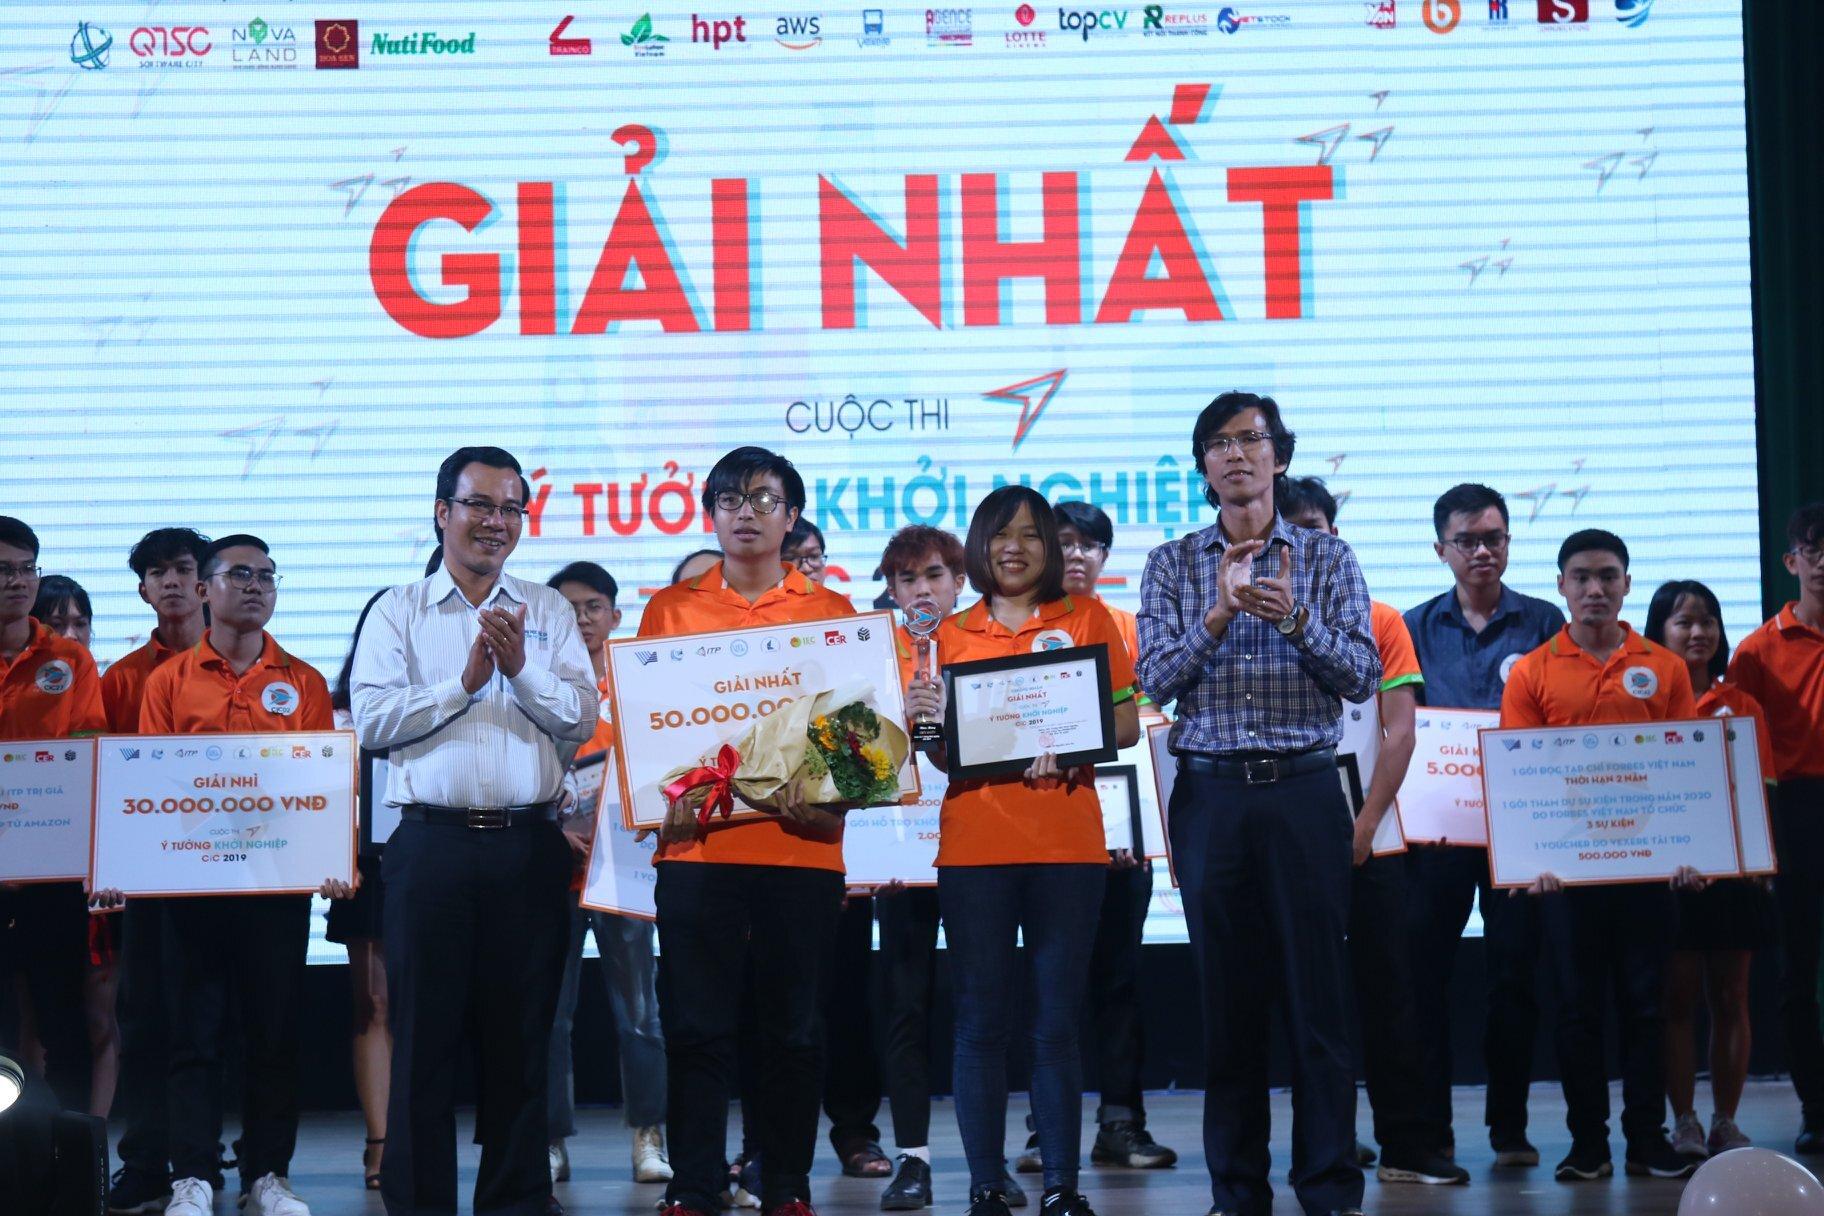 Nhóm sinh viên đoạt giải Nhất nhận phần thưởng từ đại diện Ban tổ chức. Nhóm đoạt giải Nhất được nhận phần thưởng 50 triệu đồng tiền mặt, 1 tỉ đồng đầu tư, gói ươm tạo 1 năm trị giá 100 triệu đồng.